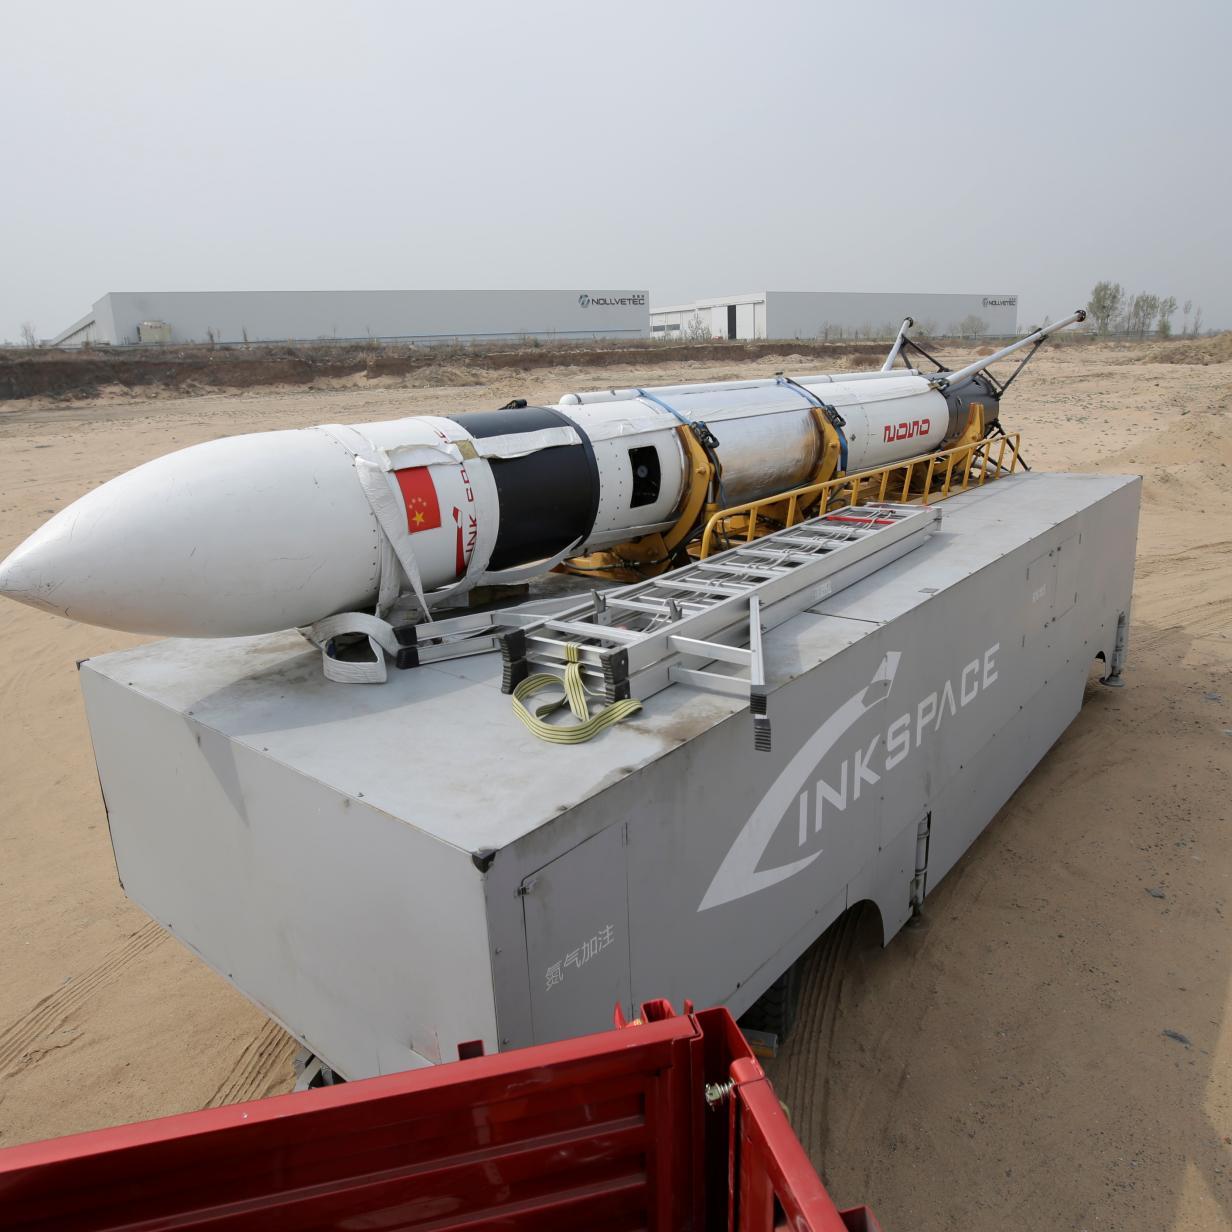 Chinesisches Start-up zeigt perfekte Landung seiner Rakete